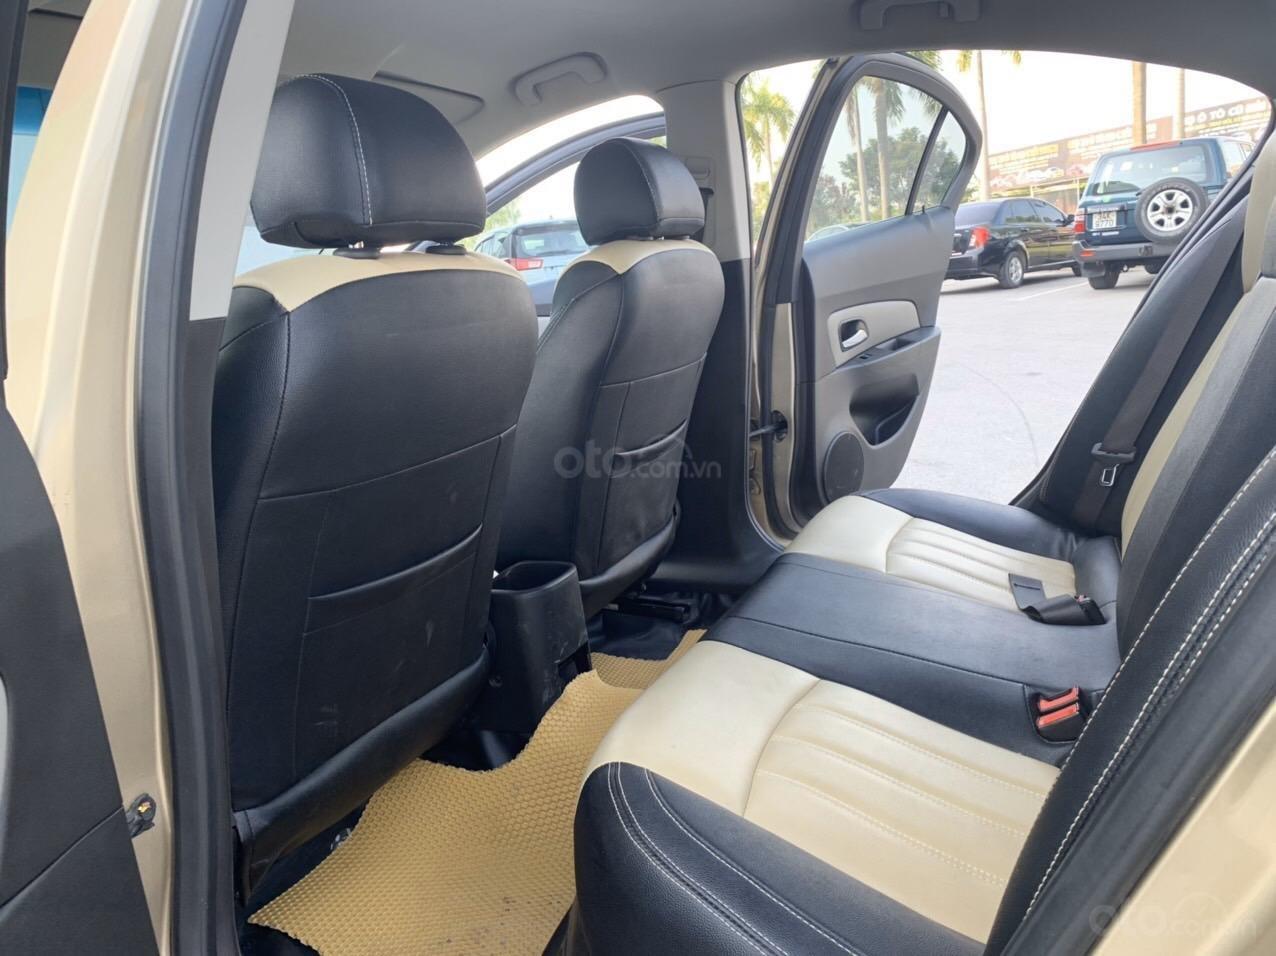 Cần bán Chevrolet Cruze sx 2013 số sàn 1.6 màu vàng - Quang Tiệp 0865.567.369 (5)